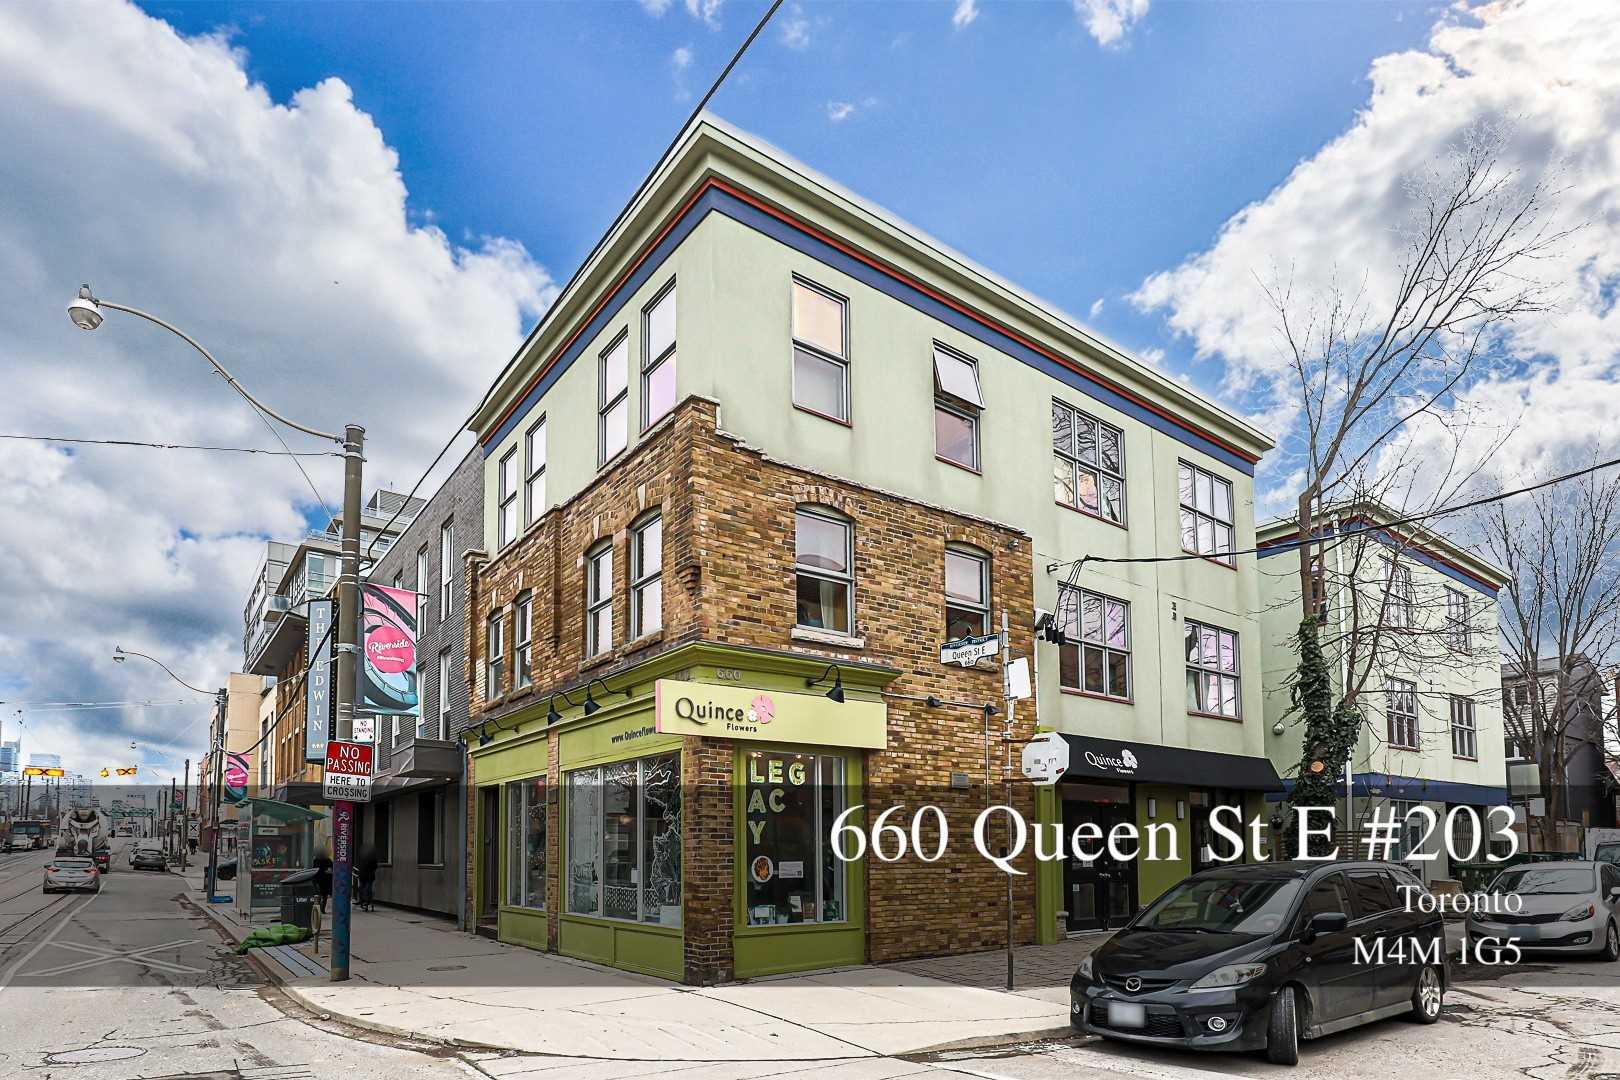 203 - 660 Queen St E